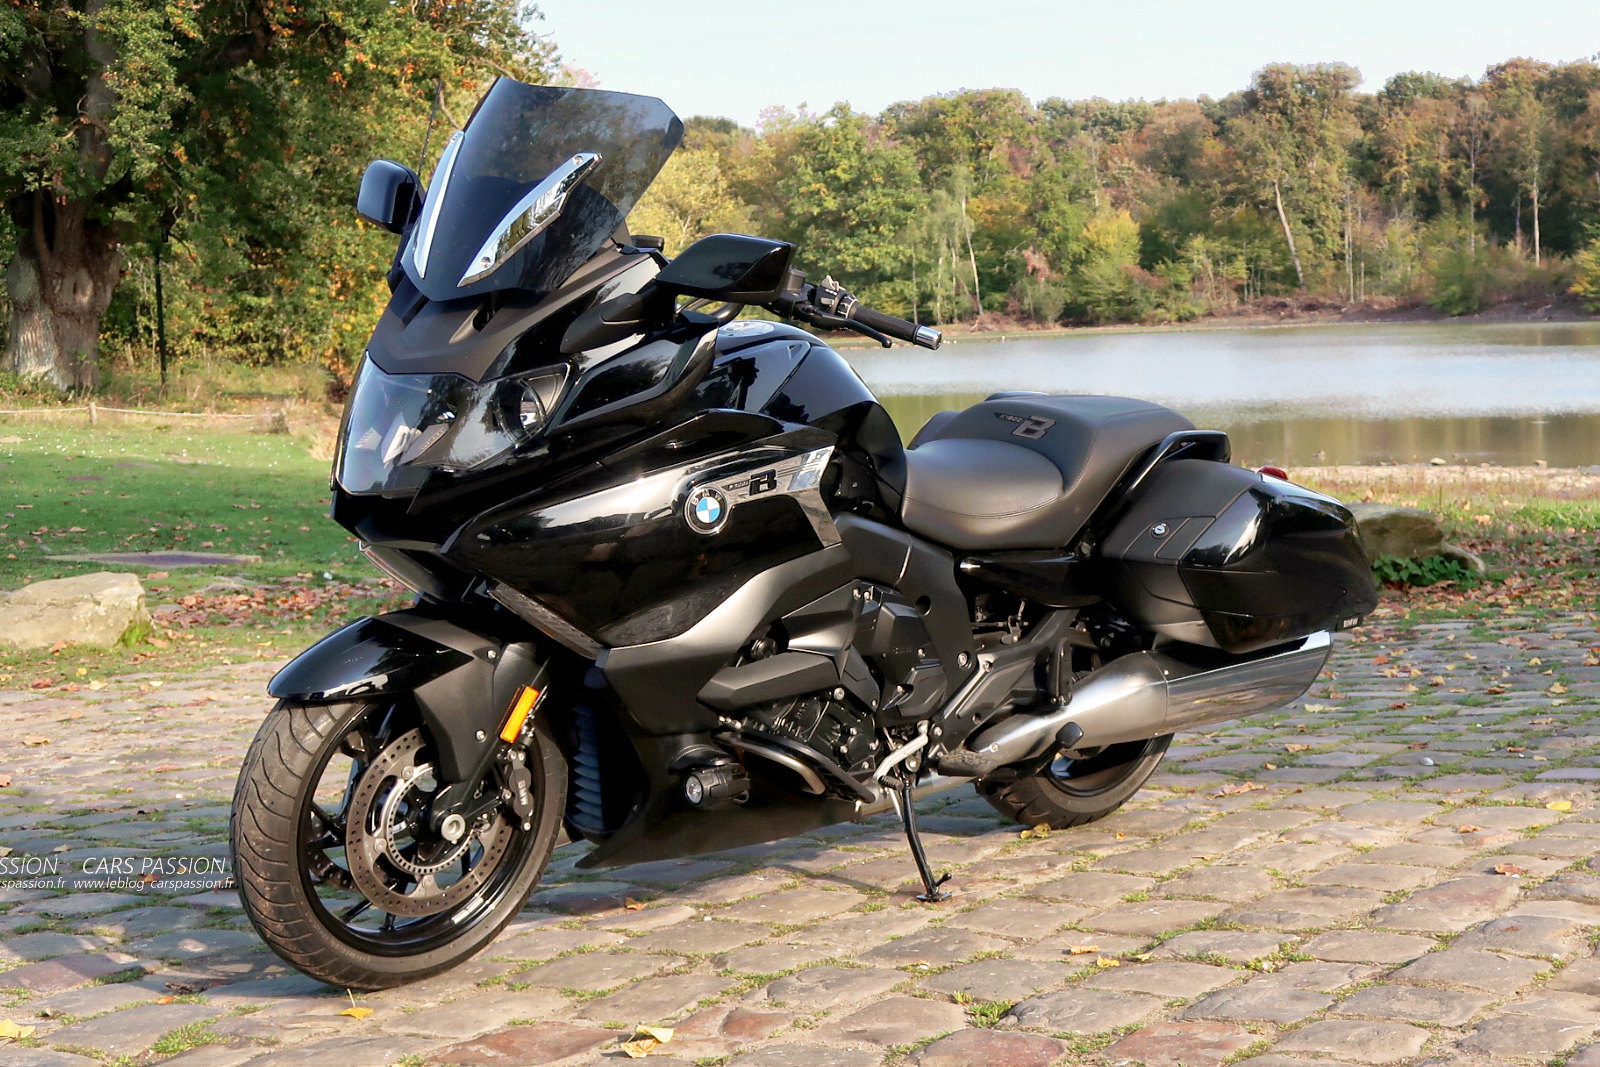 BMW k1600B Bagger moto motorcylce